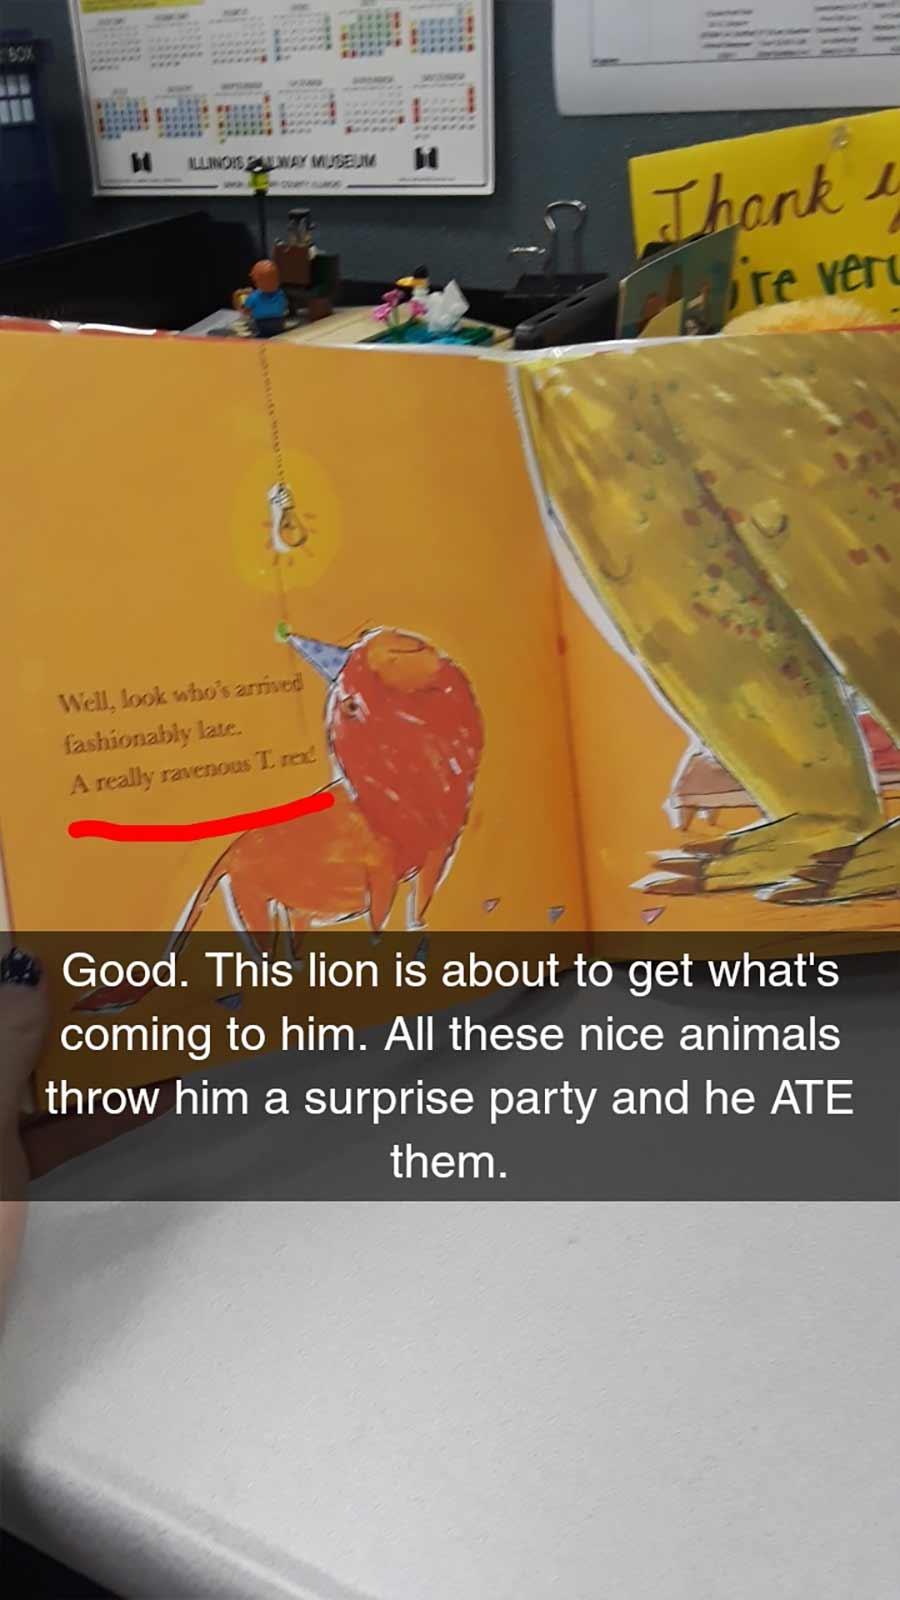 Erwachsene rezensiert Kinderbuch auf erfrischende Art A-Hungry-Lion-or-A-Dwindling-Assortment-of-Animals_17